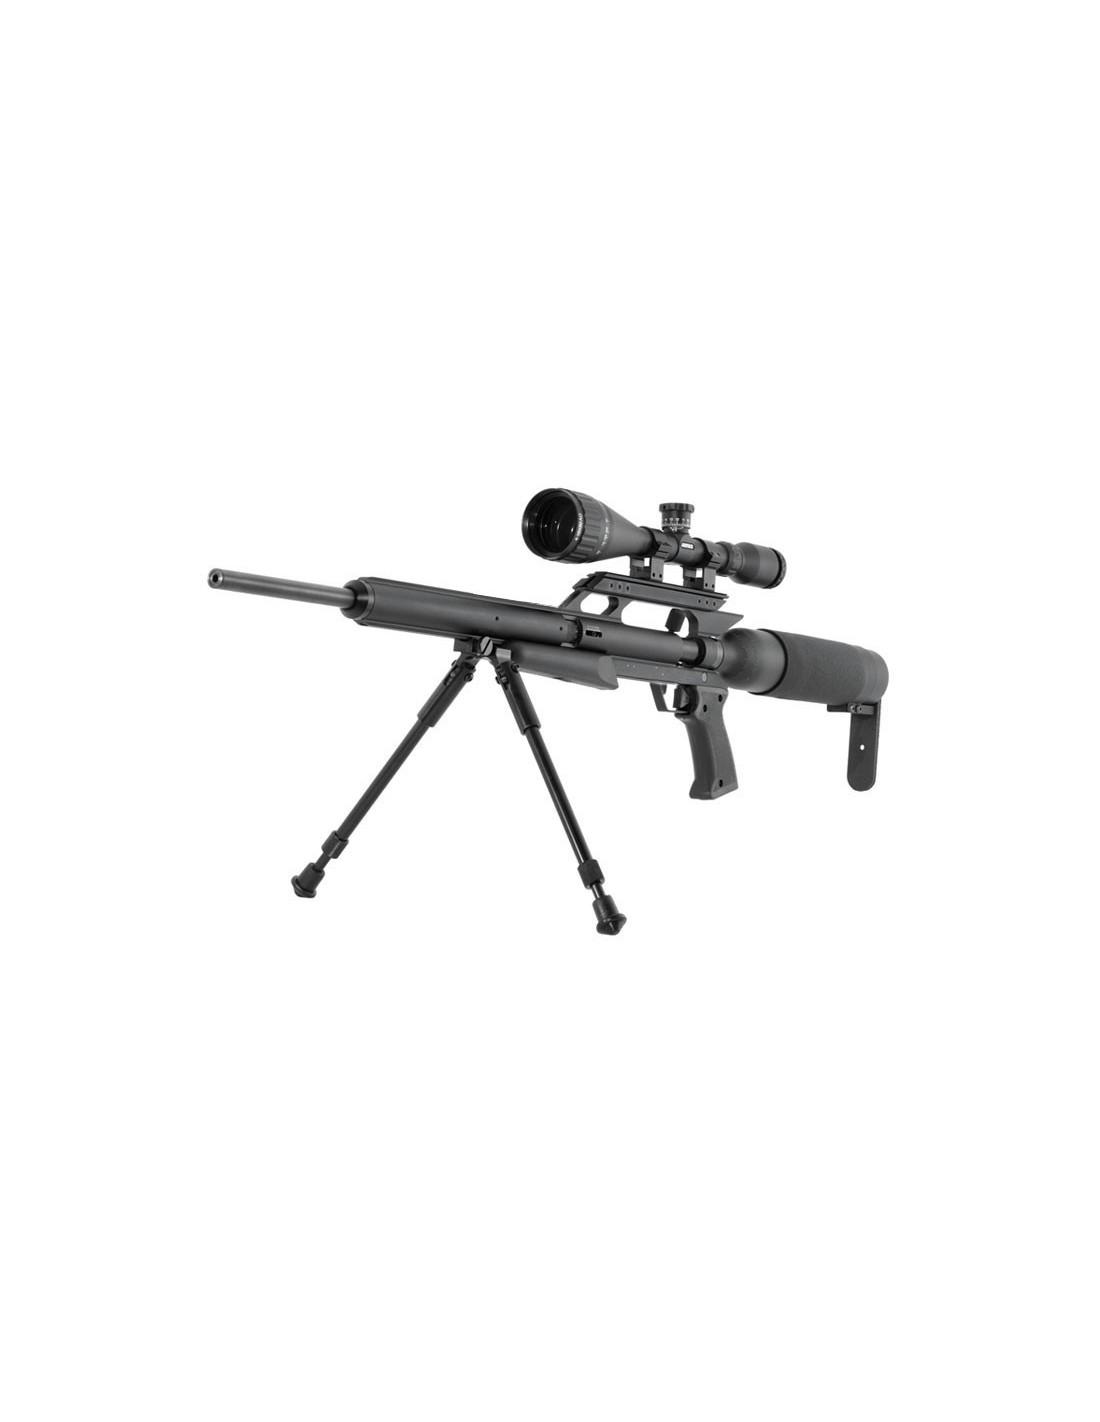 Paquete Completo Rifle AirForce Condor Precargado de